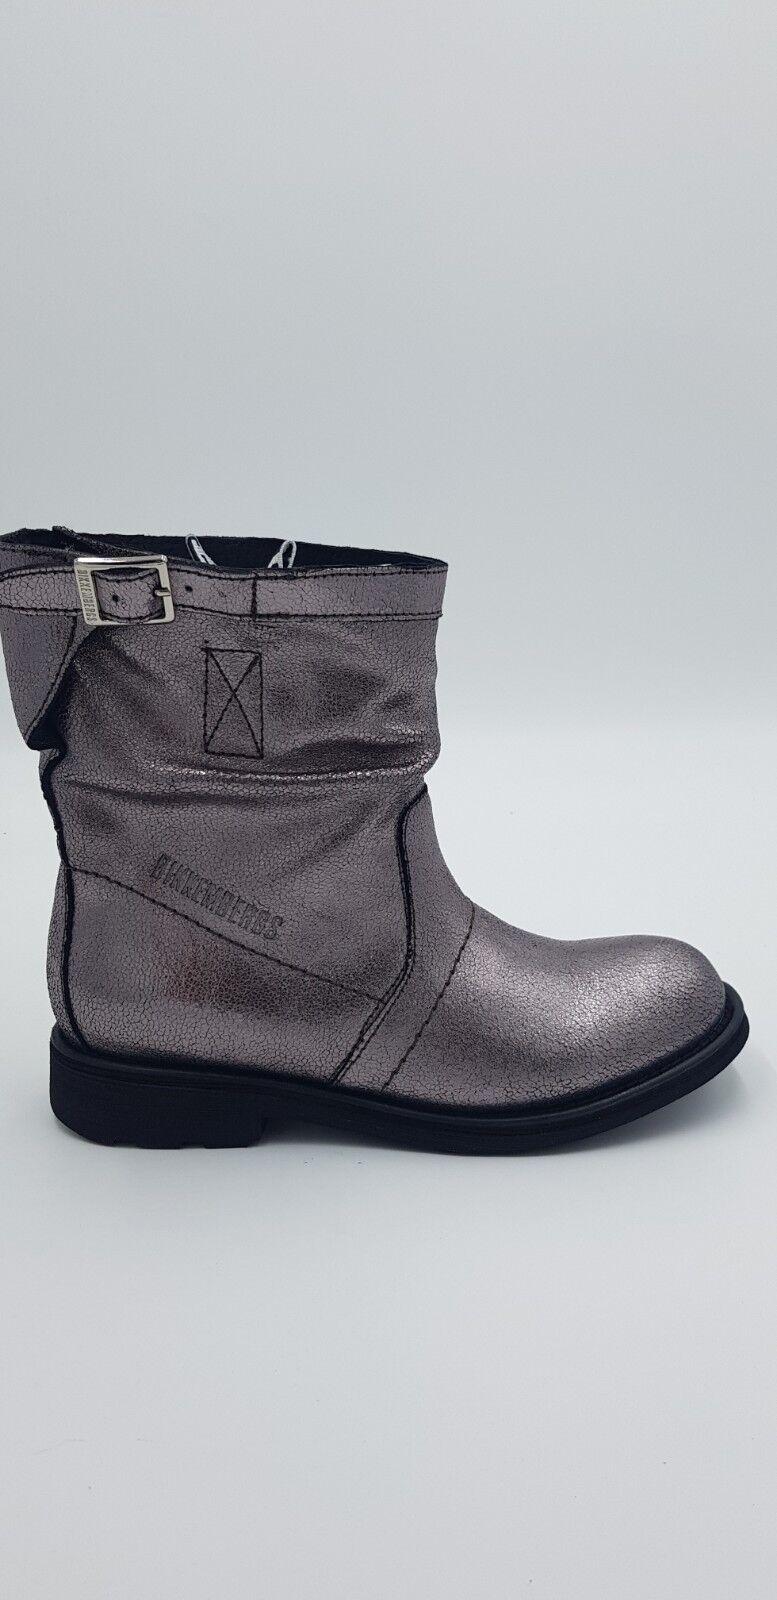 economico e alla moda BIKKEMBERGS - STIVALE STIVALE STIVALE BASSO LAMINATO DK grigio BKW102165 -40% DI SCONTO PROMO  risparmiare fino all'80%